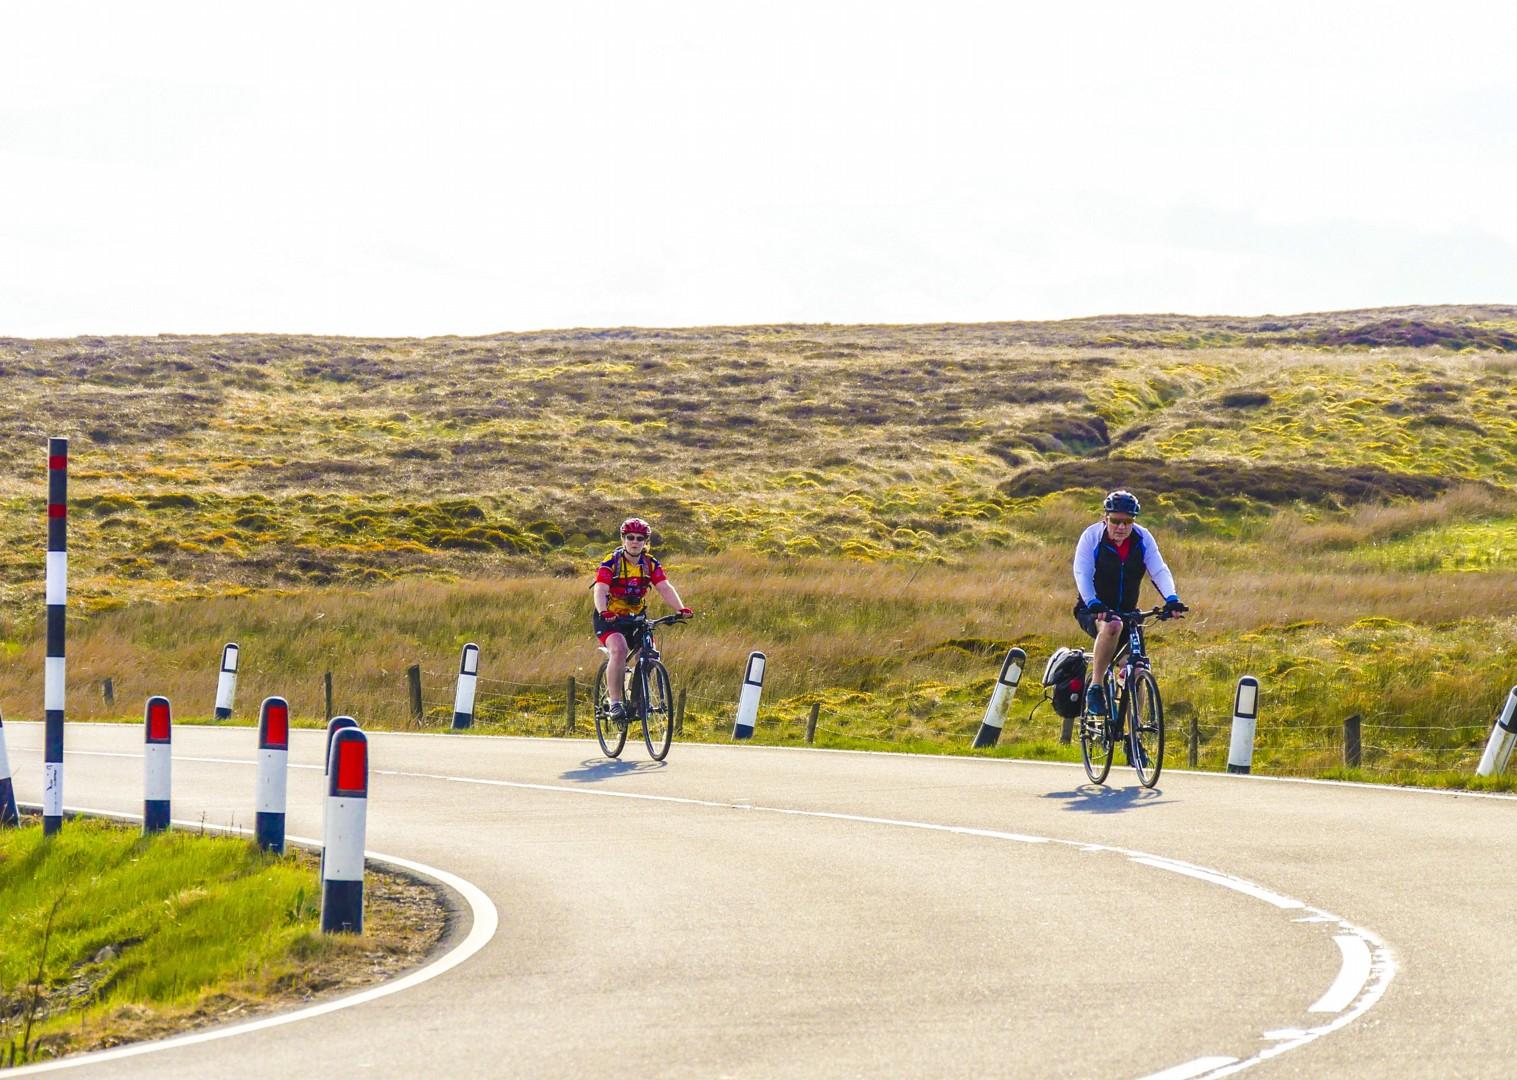 cycle-paths-across-uk-saddle-skedaddle-coast.jpg - UK - C2C - Coast to Coast 4 Days Cycling - Self-Guided Leisure Cycling Holiday - Leisure Cycling